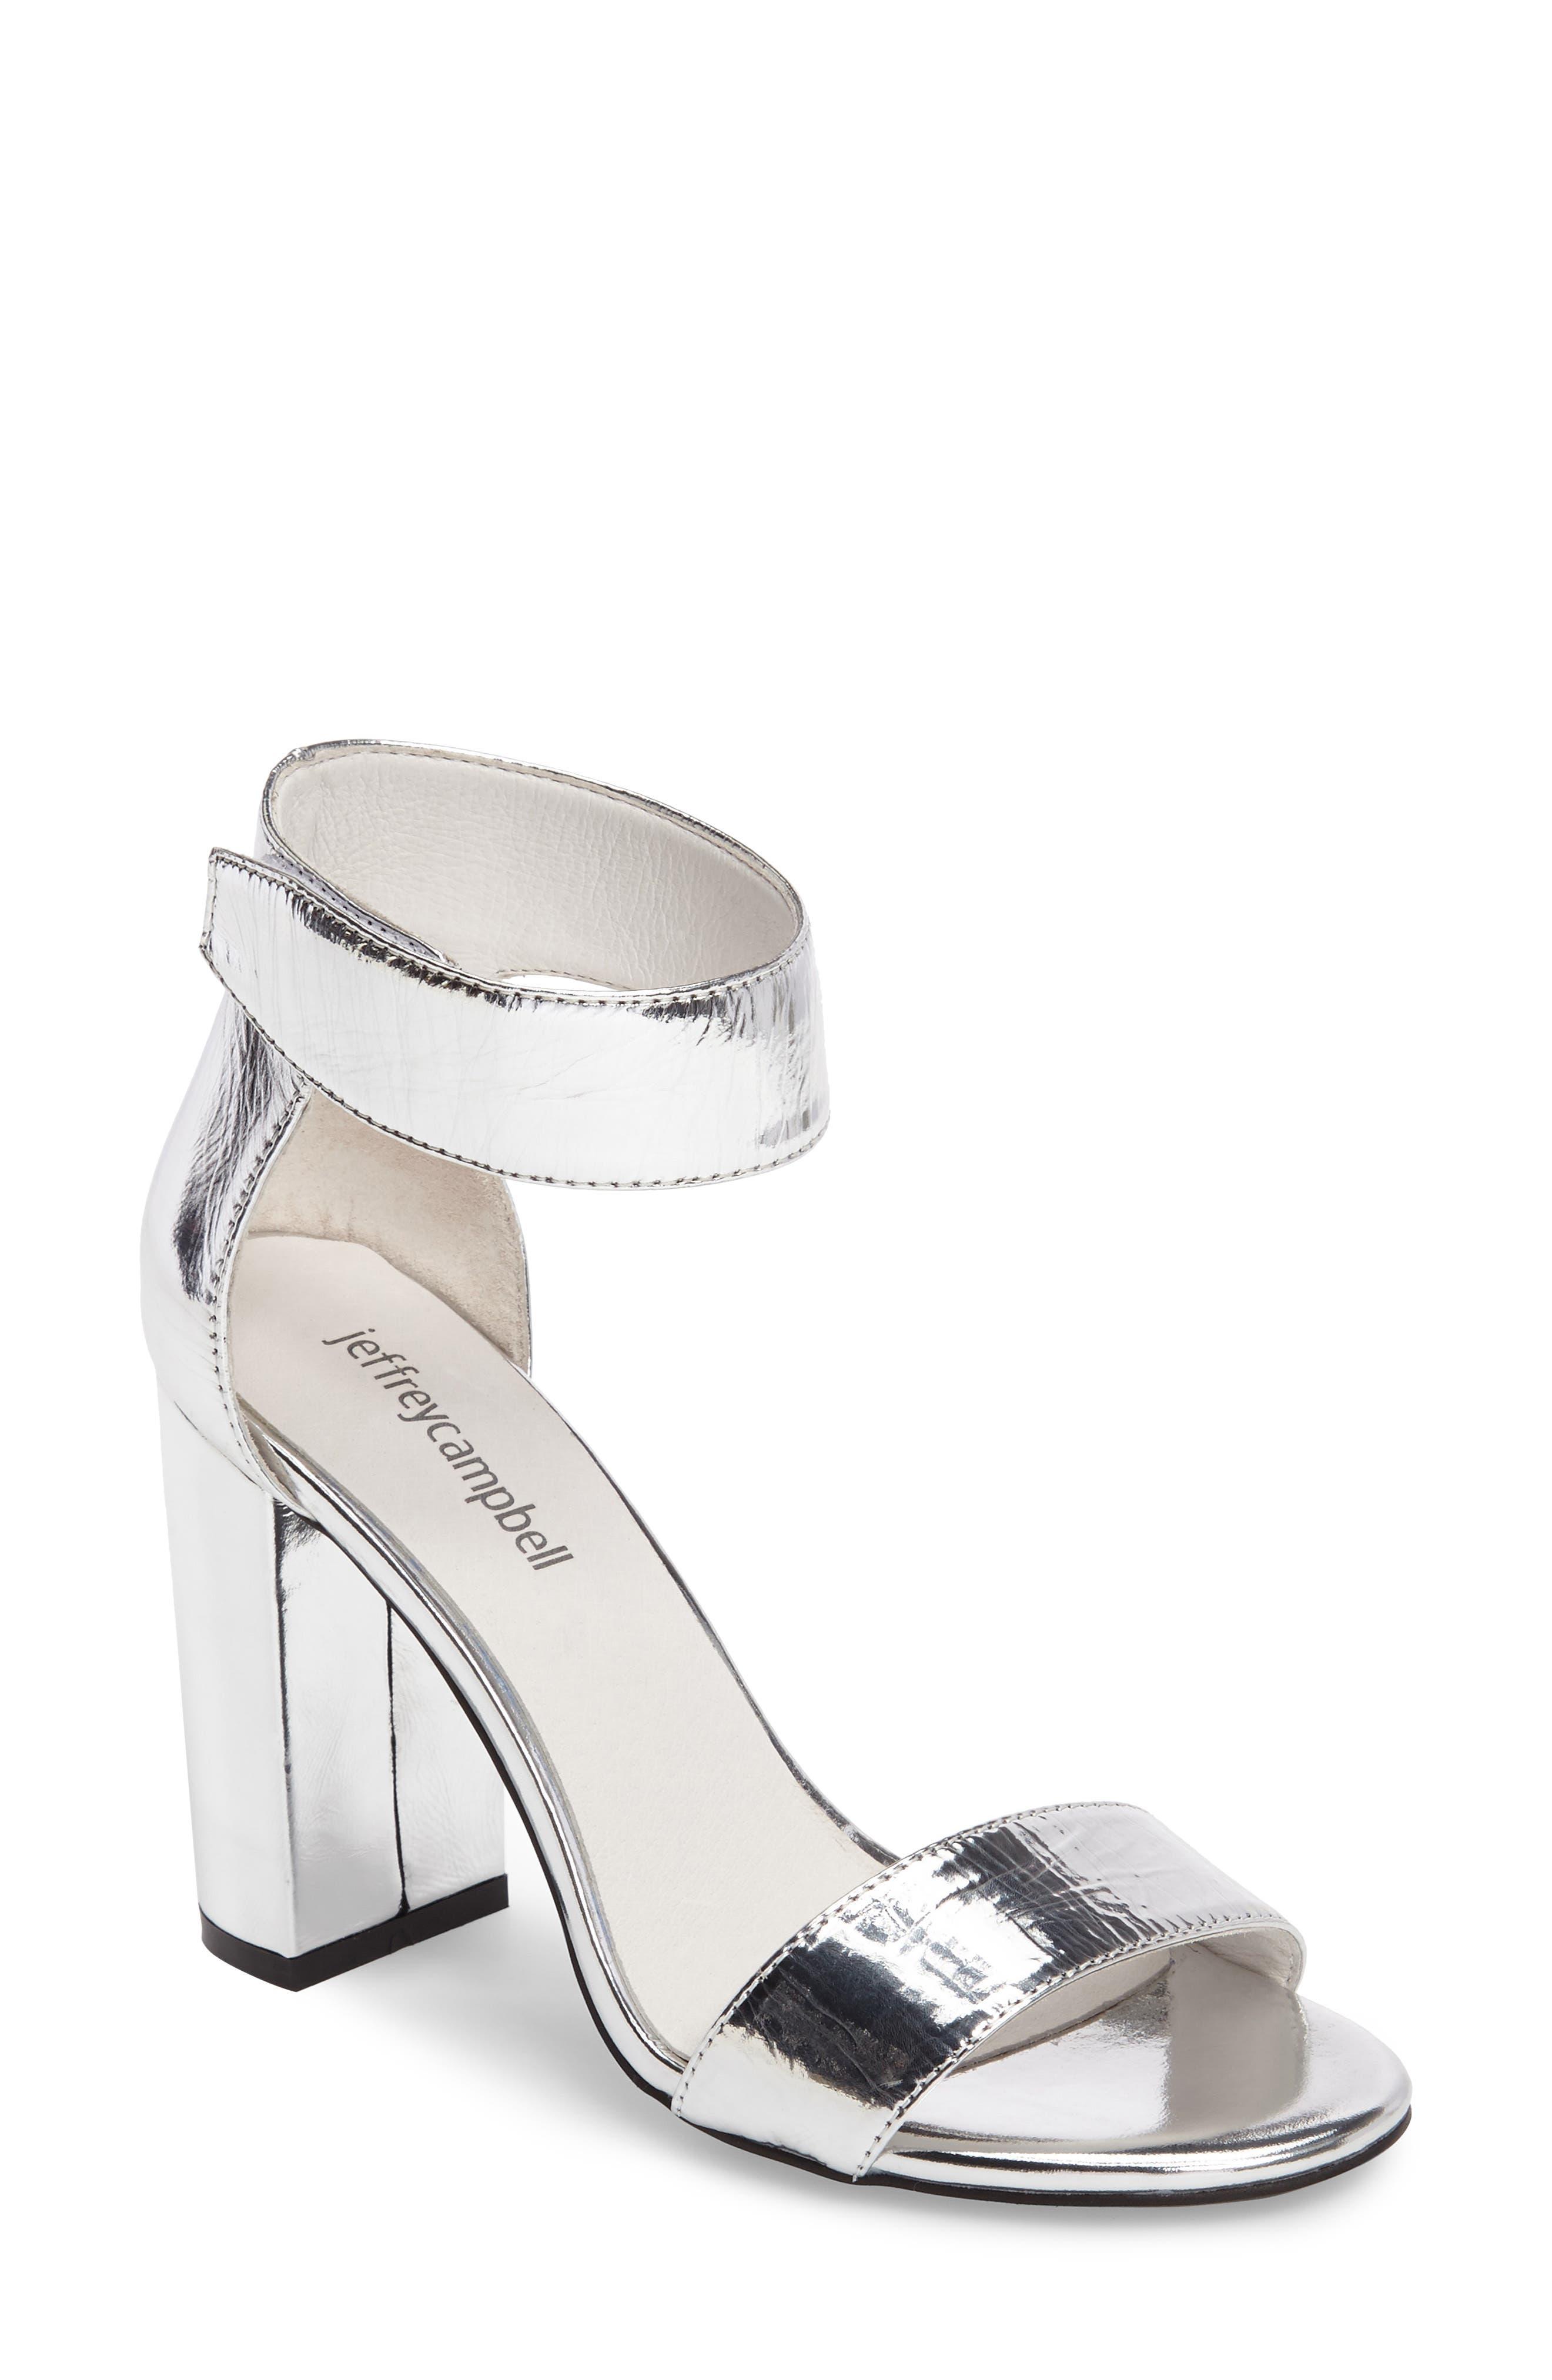 Alternate Image 1 Selected - Jeffrey Campbell 'Lindsay' Ankle Strap Sandal (Women)